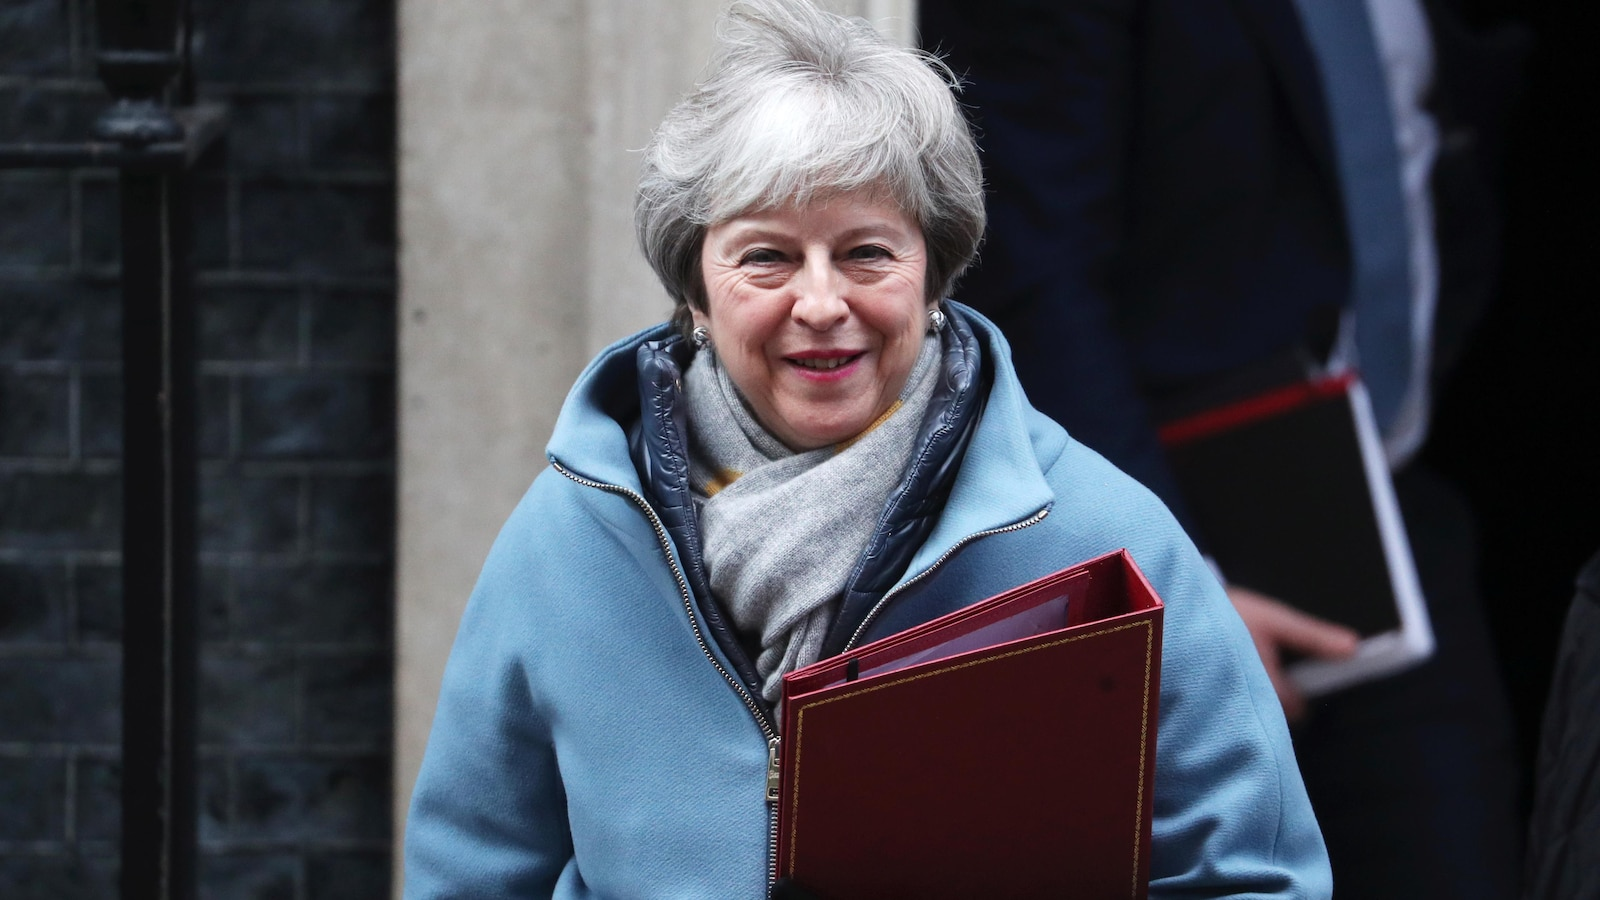 Une femme porte un manteau et tient dans une de ses mains un cartable.